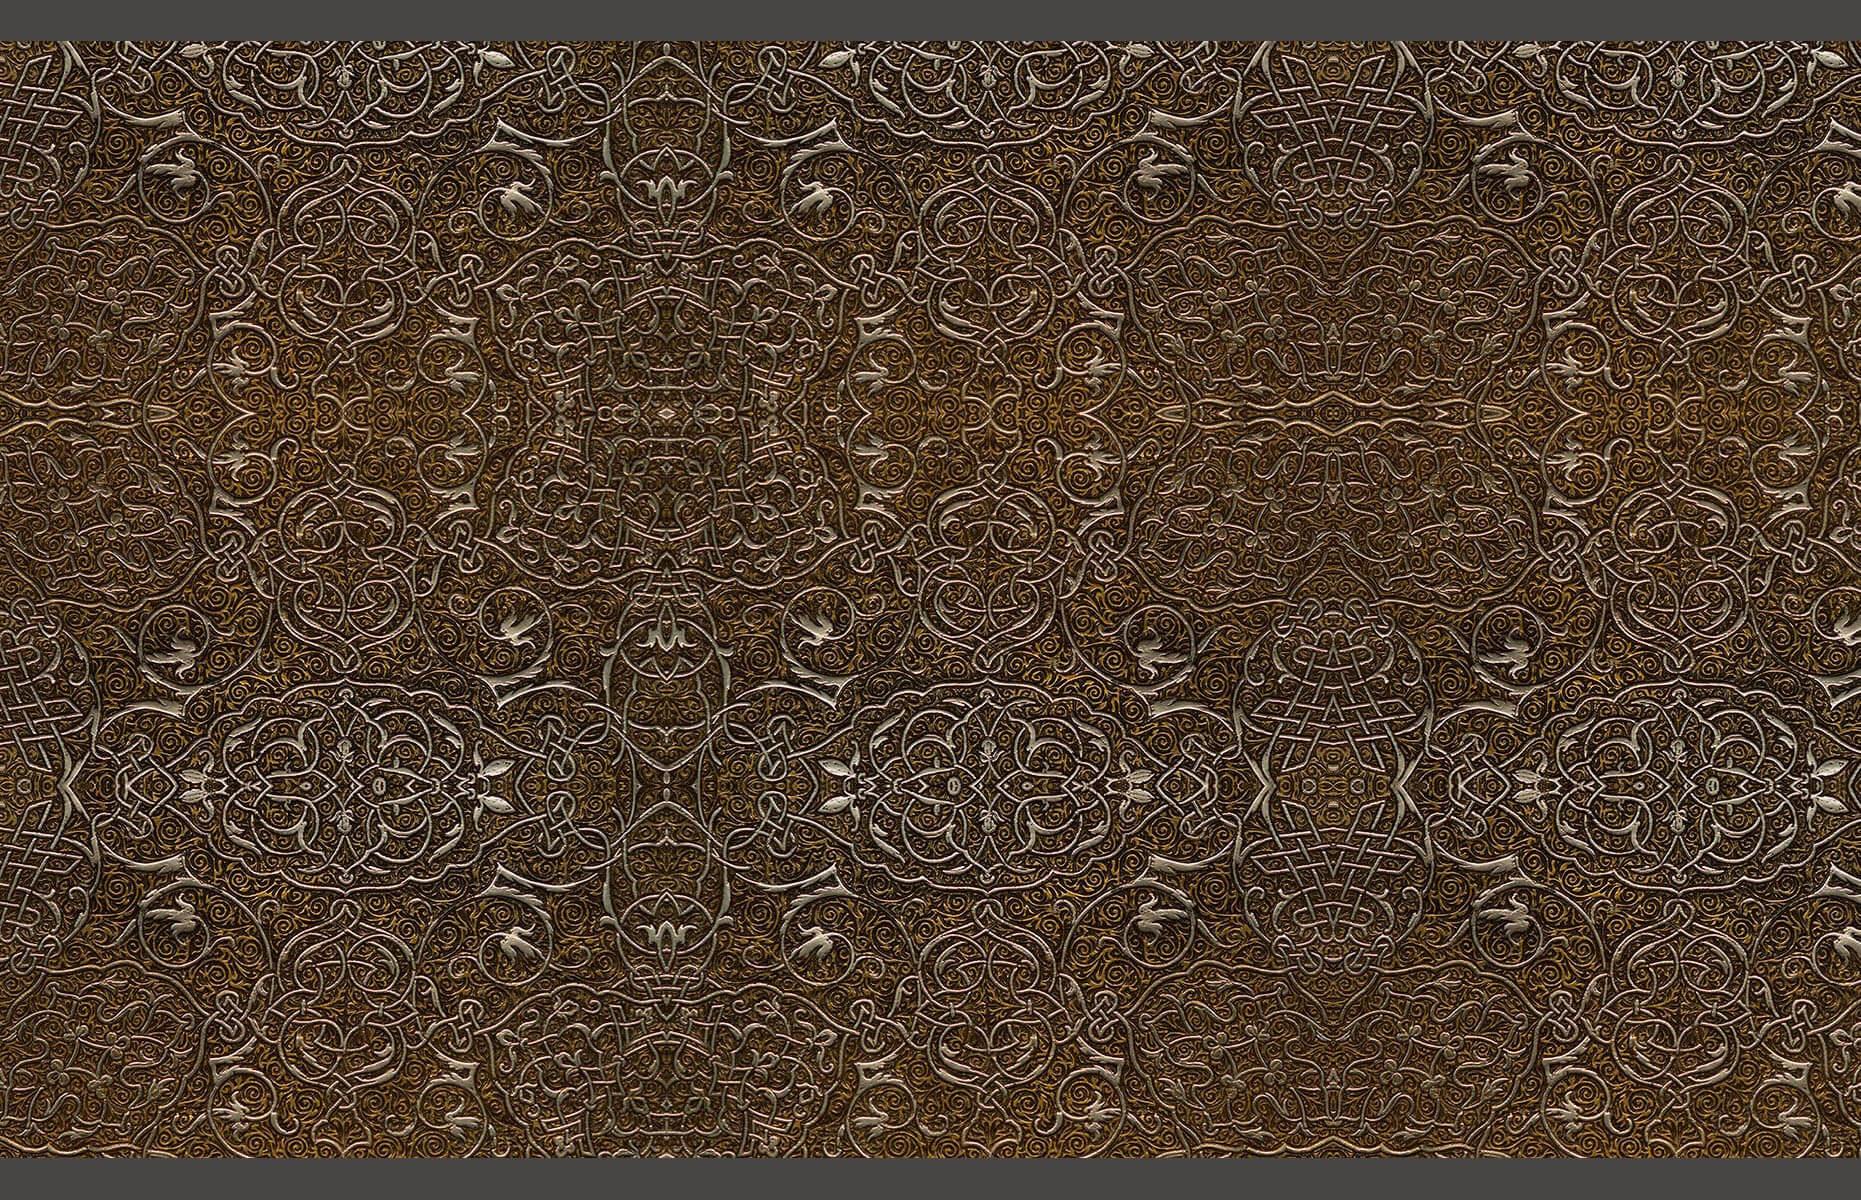 15th Century Metal Work (DE9602) Doug Garrabrants